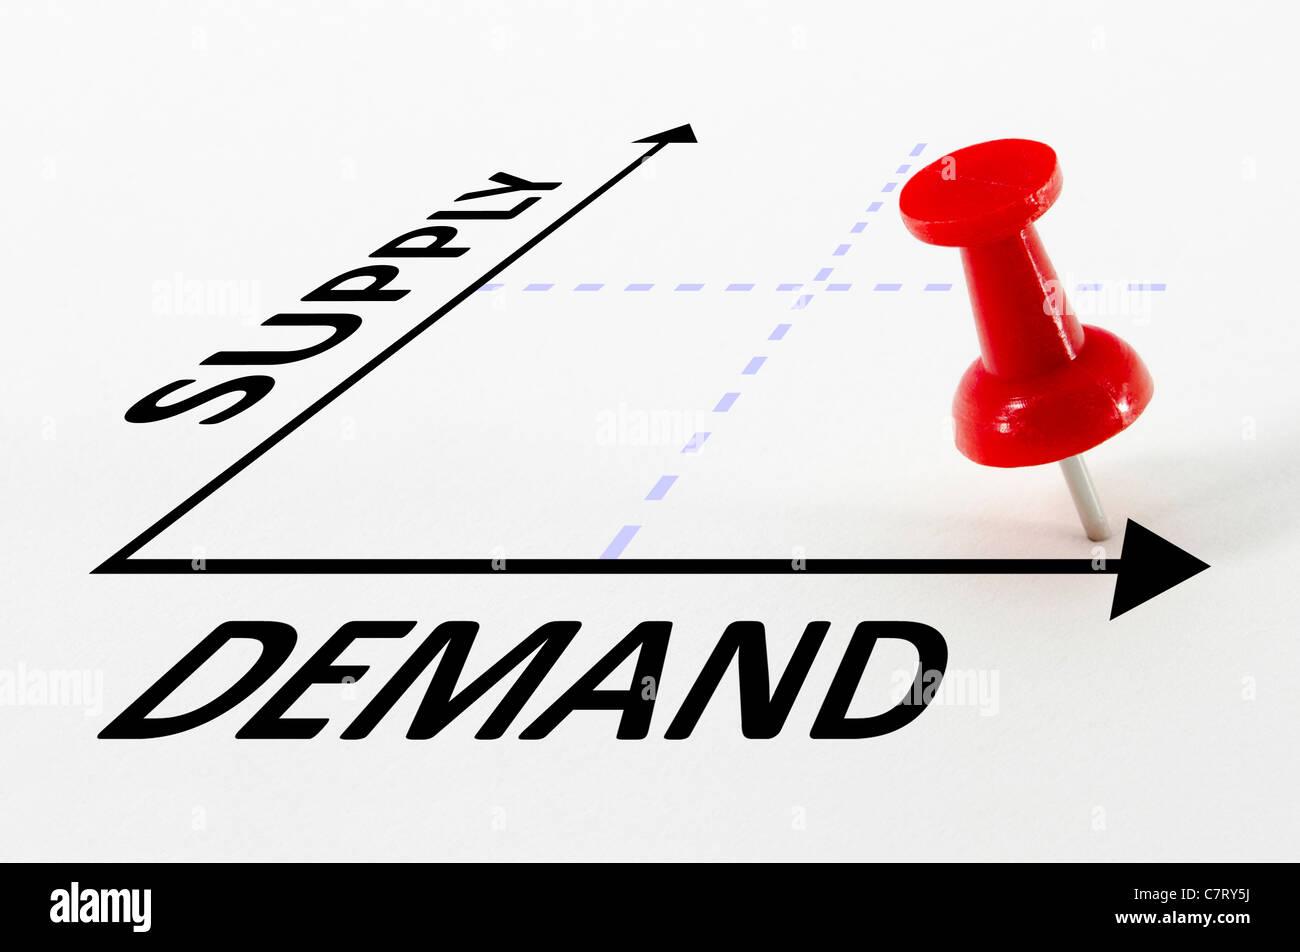 La demande est grande et l'analyse de l'offre faible sur un concept graphique avec un bouton poussoir rouge Photo Stock